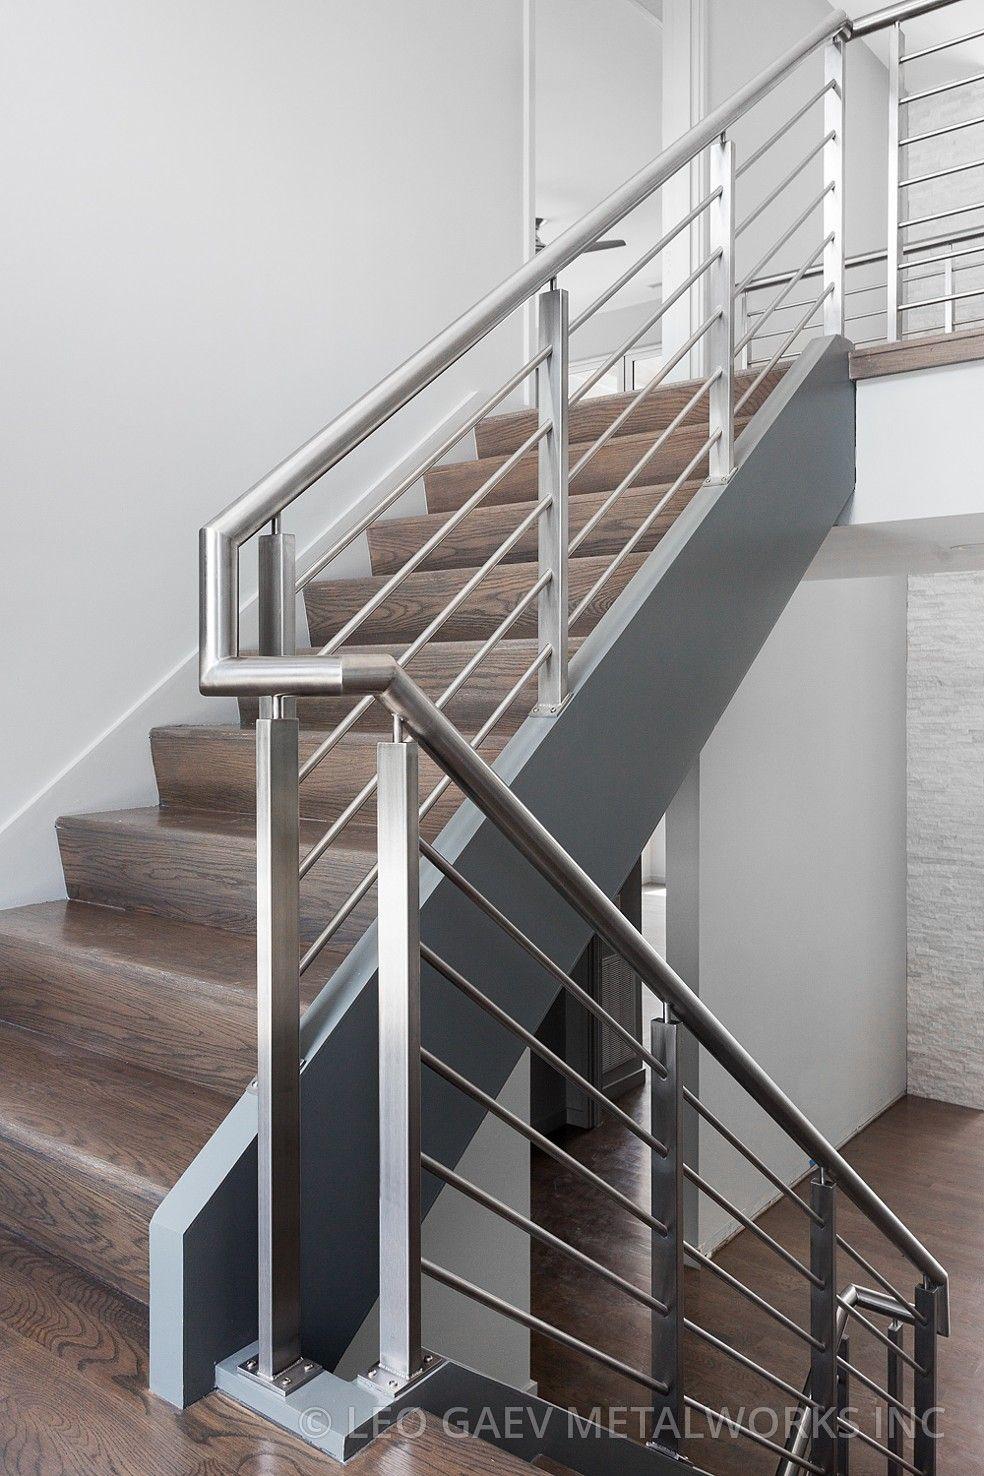 Railing Stainless Steel Guardrail Steel Railing Design Stair Railing Design Steel Stairs Design